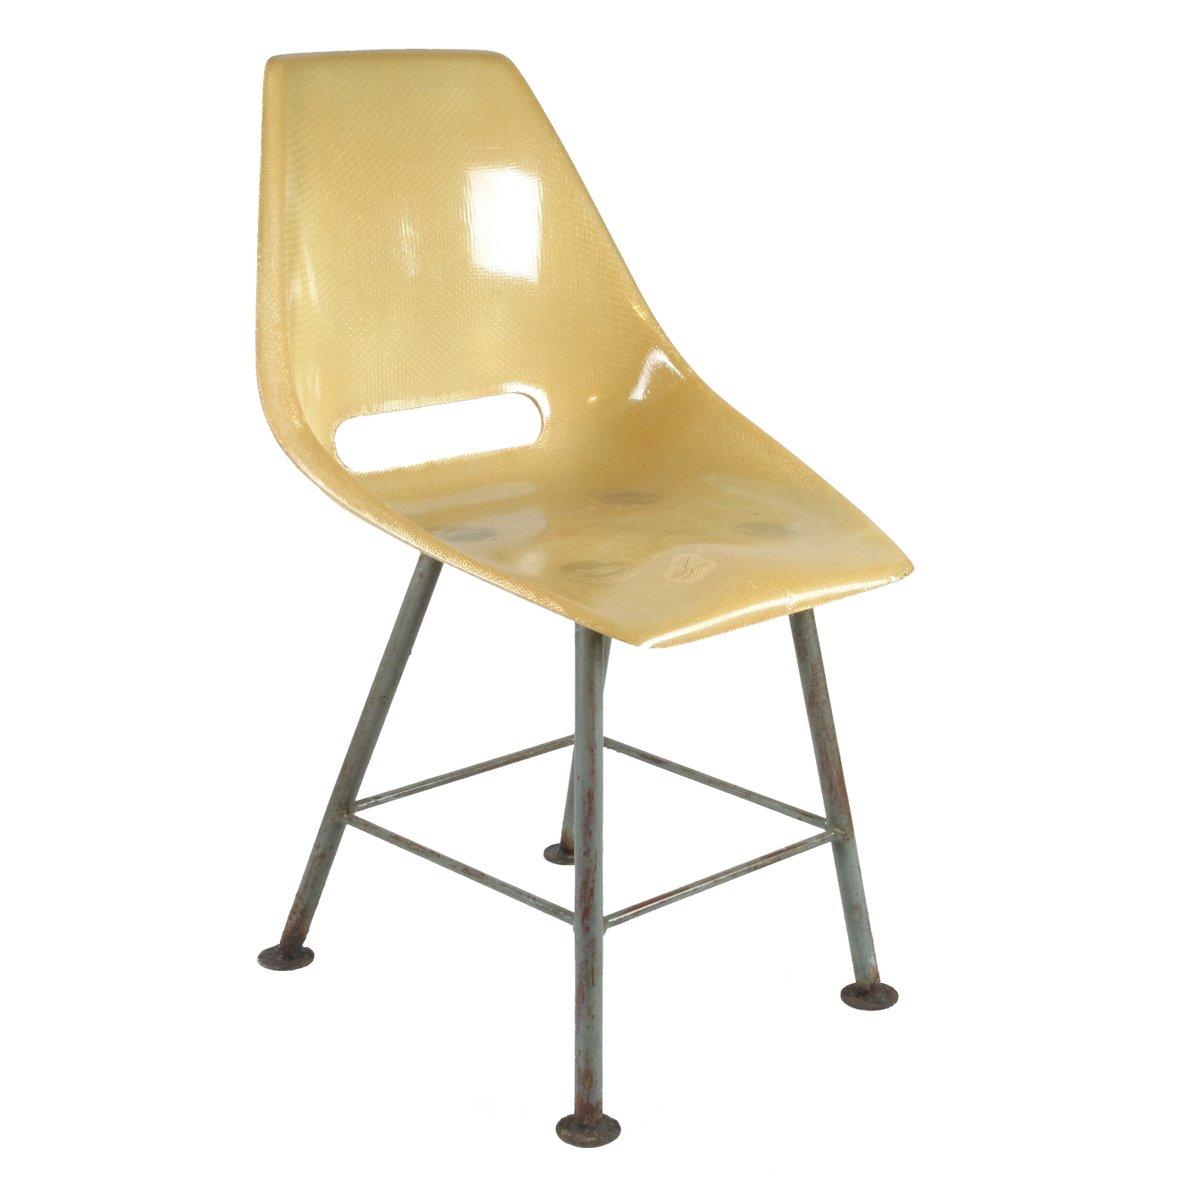 mid century stuhl von miroslav navratil f r vertex bei pamono kaufen. Black Bedroom Furniture Sets. Home Design Ideas